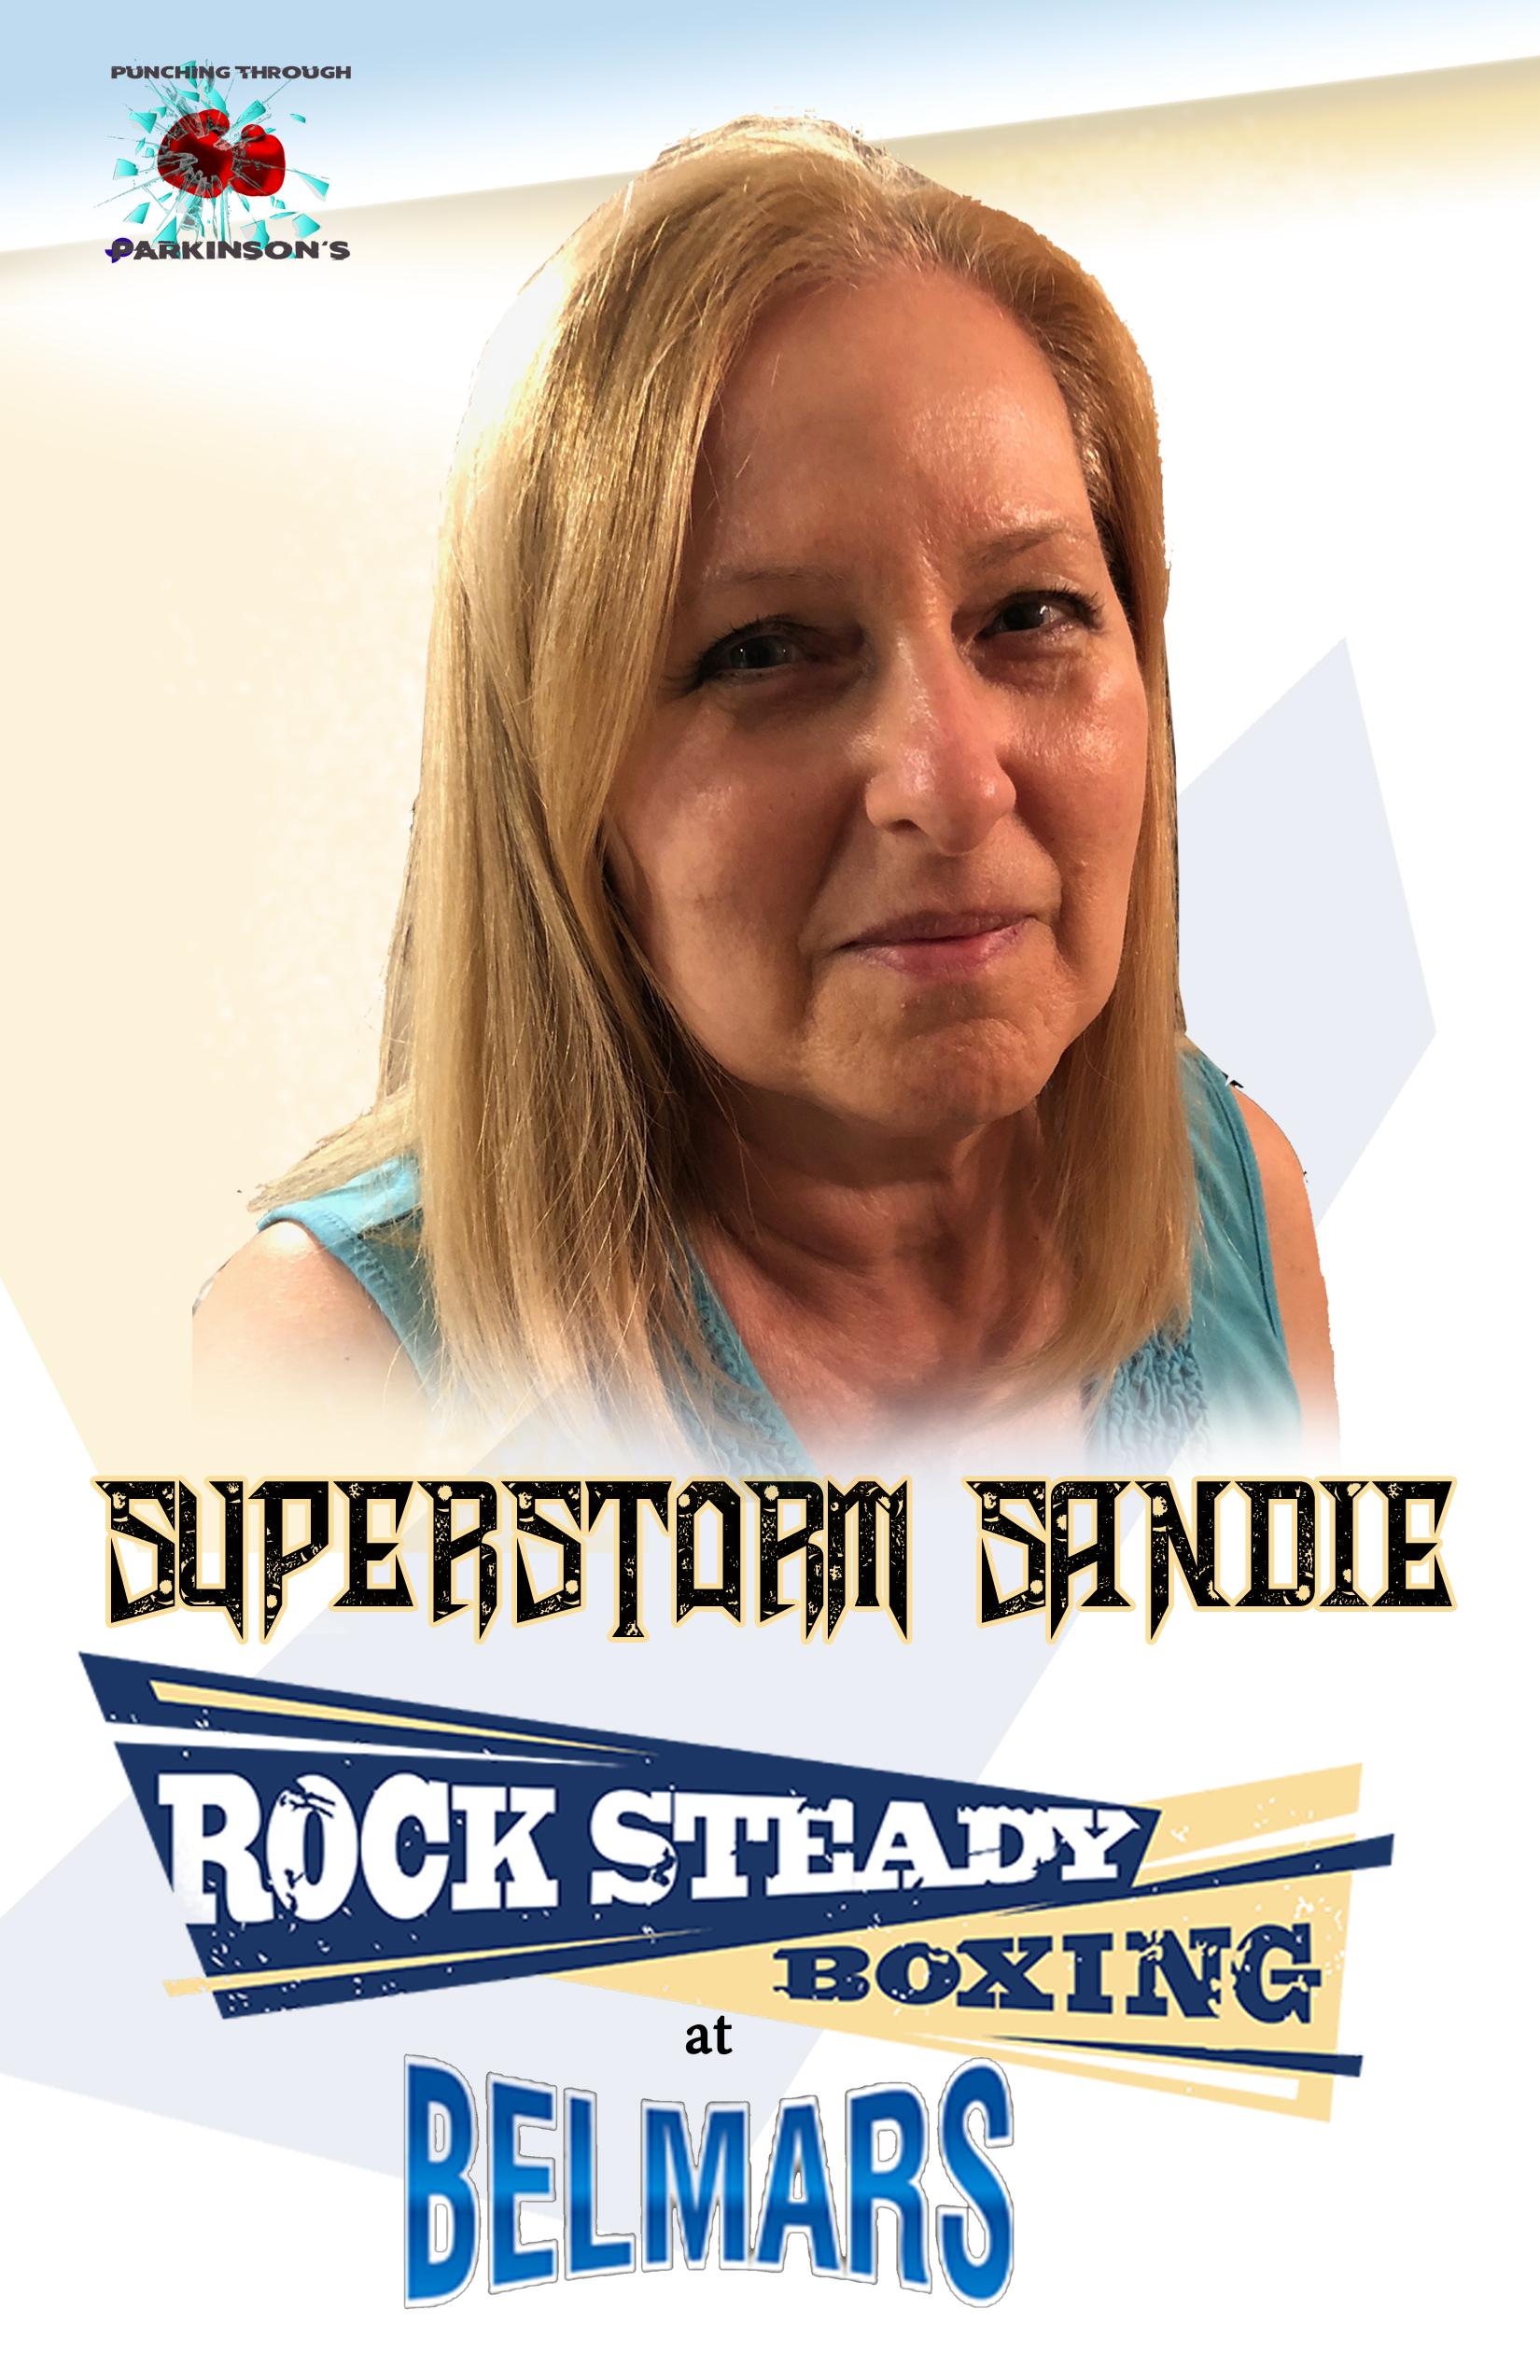 RSB Sandie